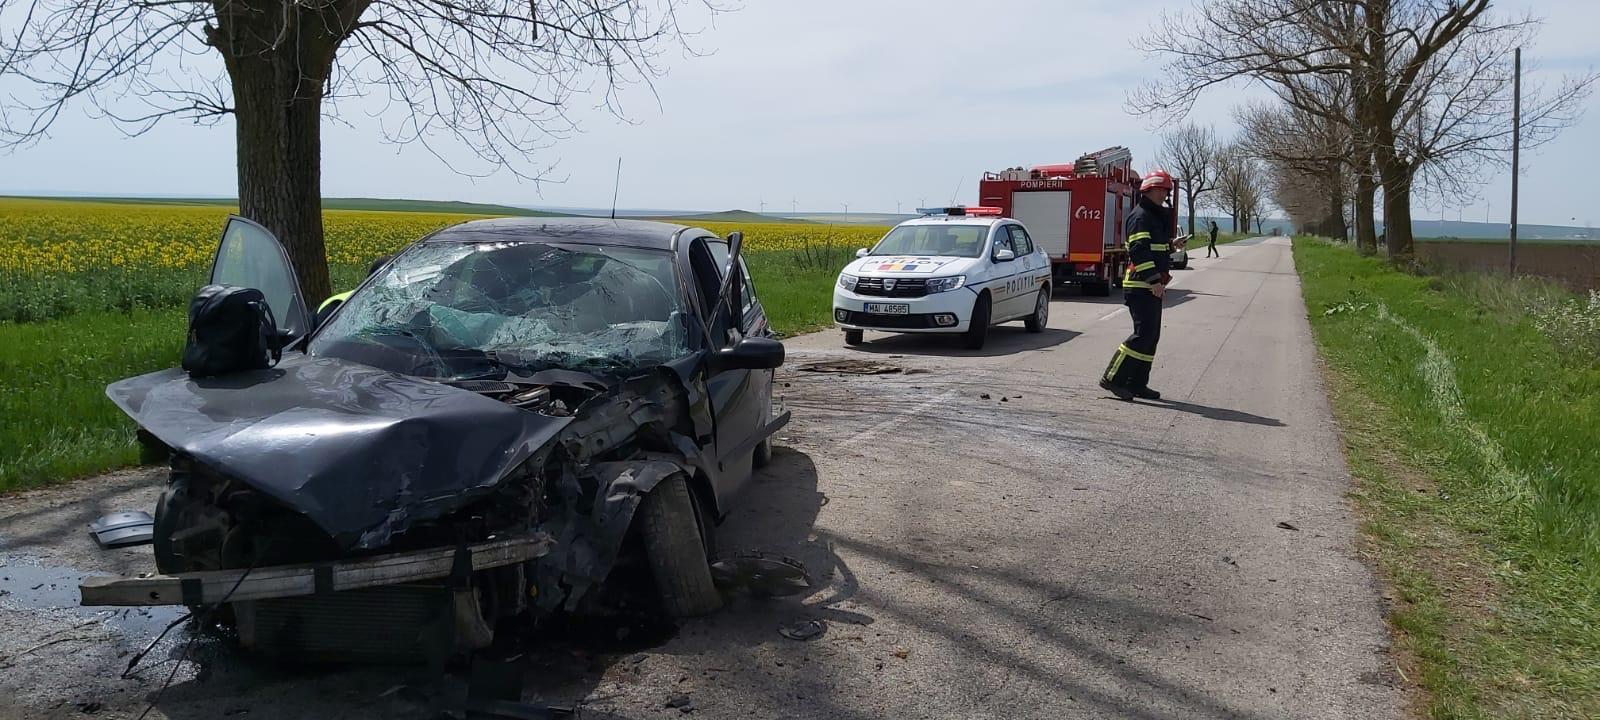 O femeie a ajuns la spital după ce a intrat cu mașina în copac